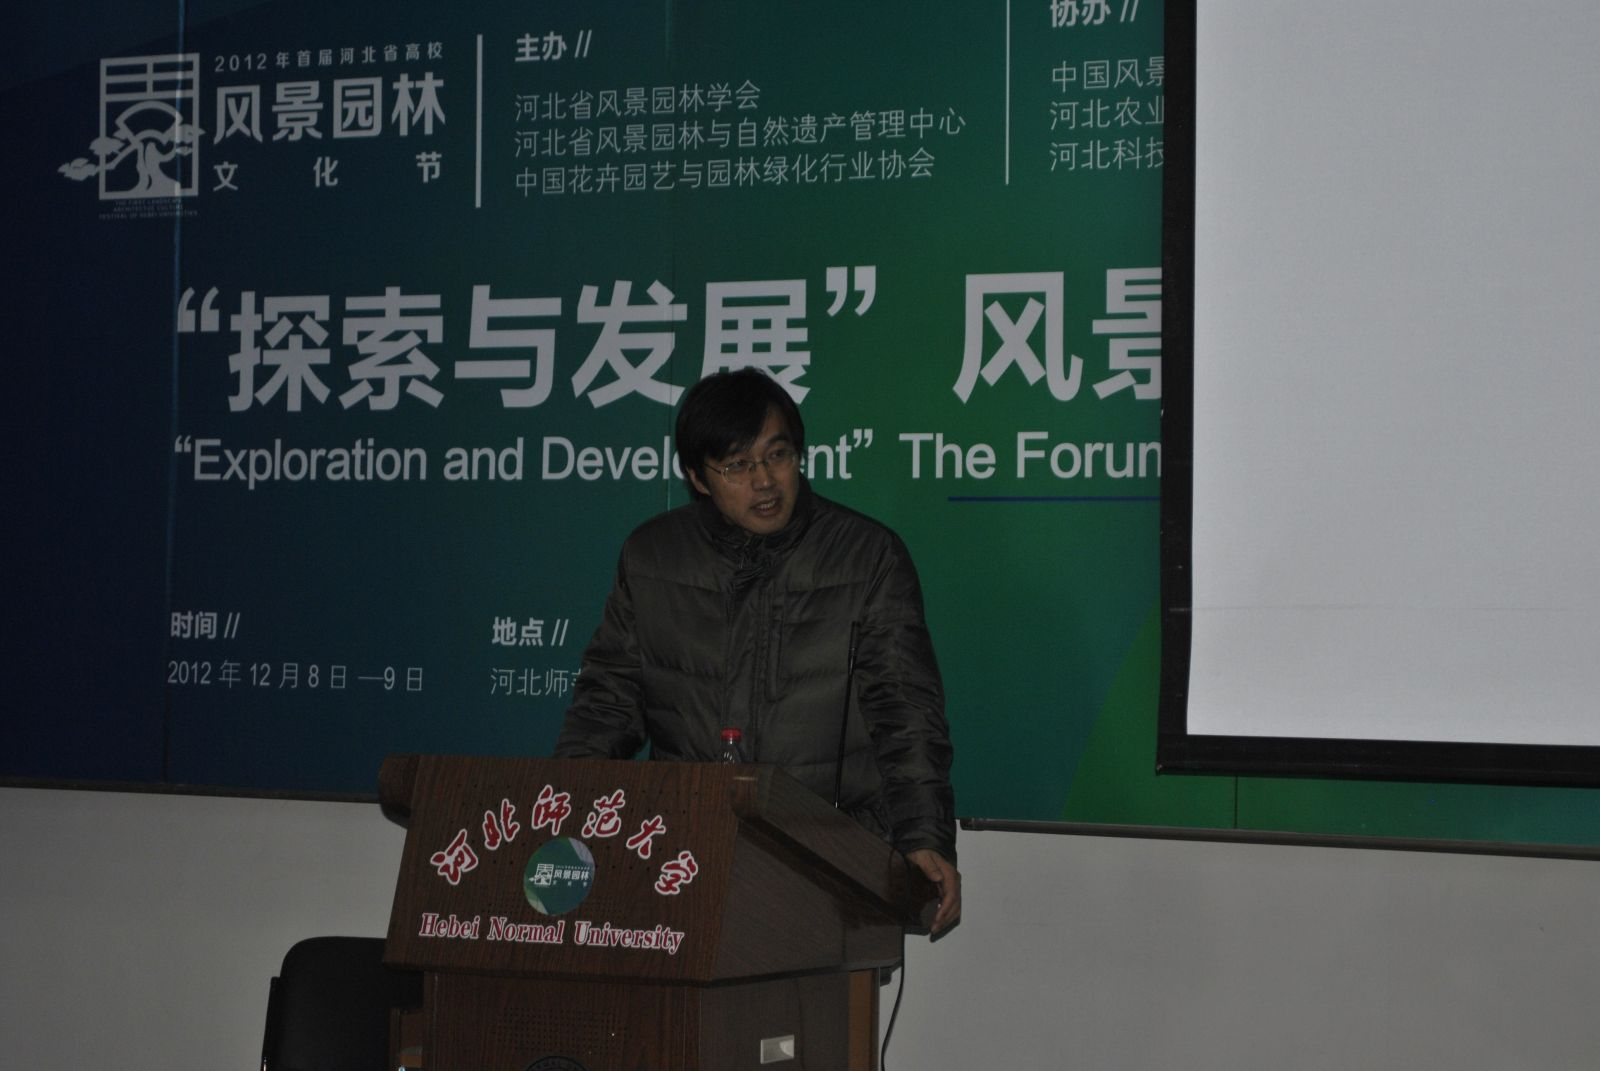 士生导师刘志诚在做《现代风景园林的形式和语义》的报告.